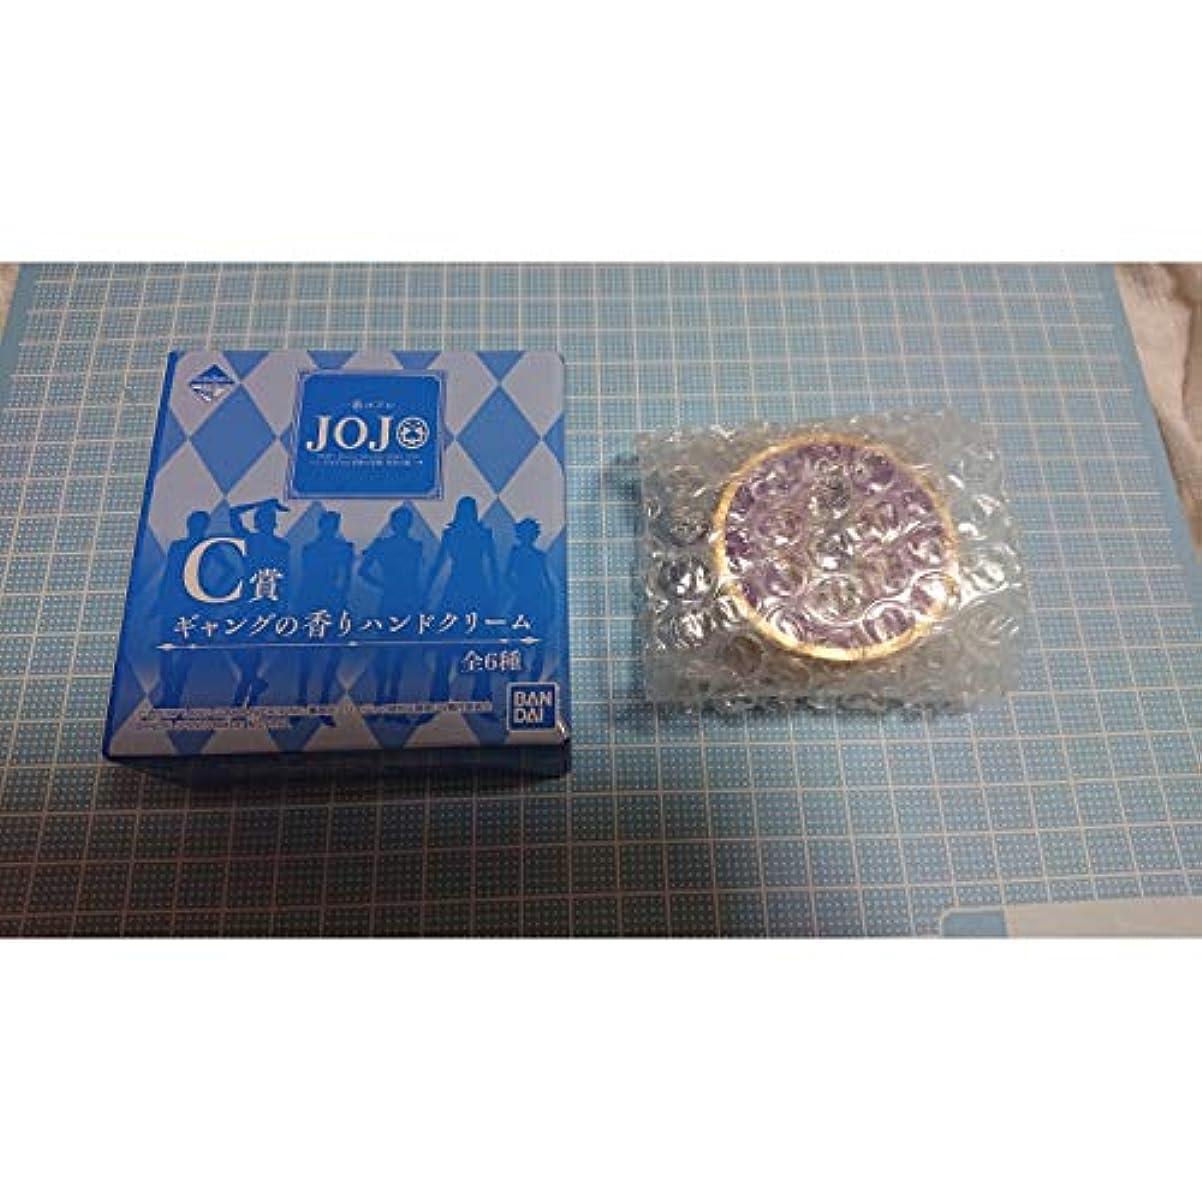 トランスミッション機構ベッド一番コフレ C賞 ハンドクリーム アバッキオ